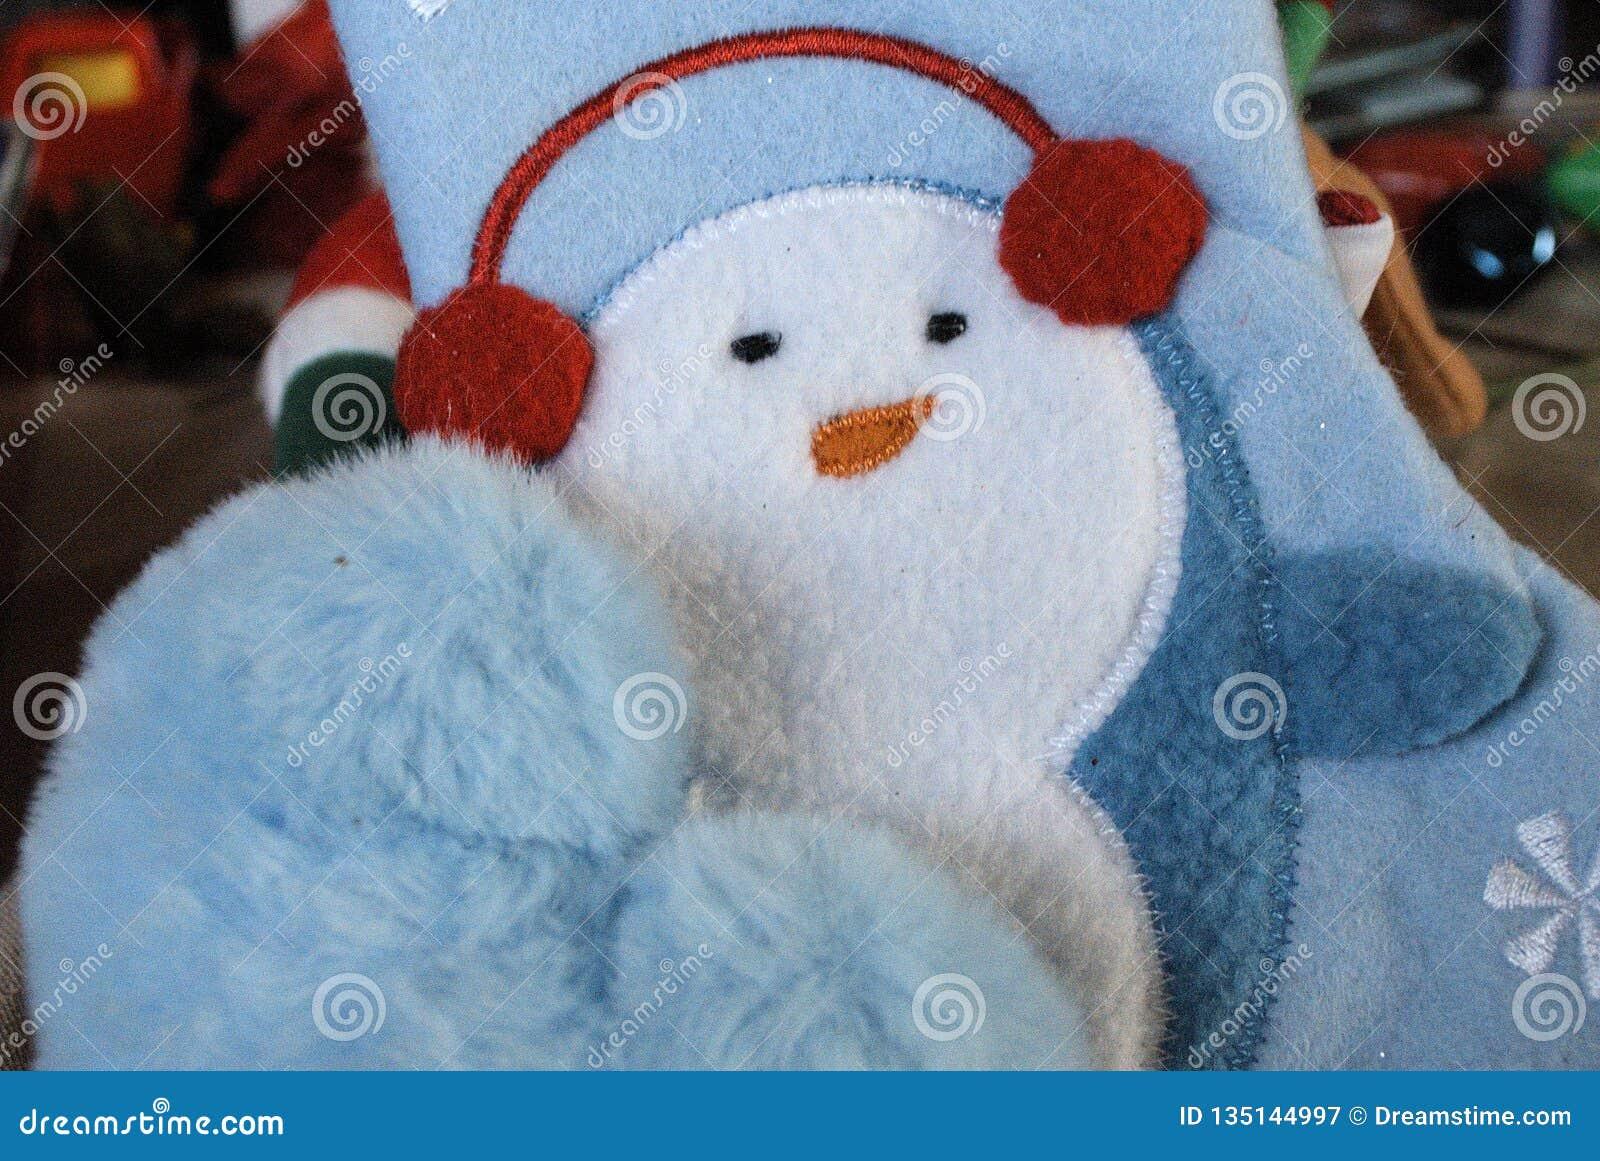 Nätt behandla som ett barn blåa mjuka objekt för jul